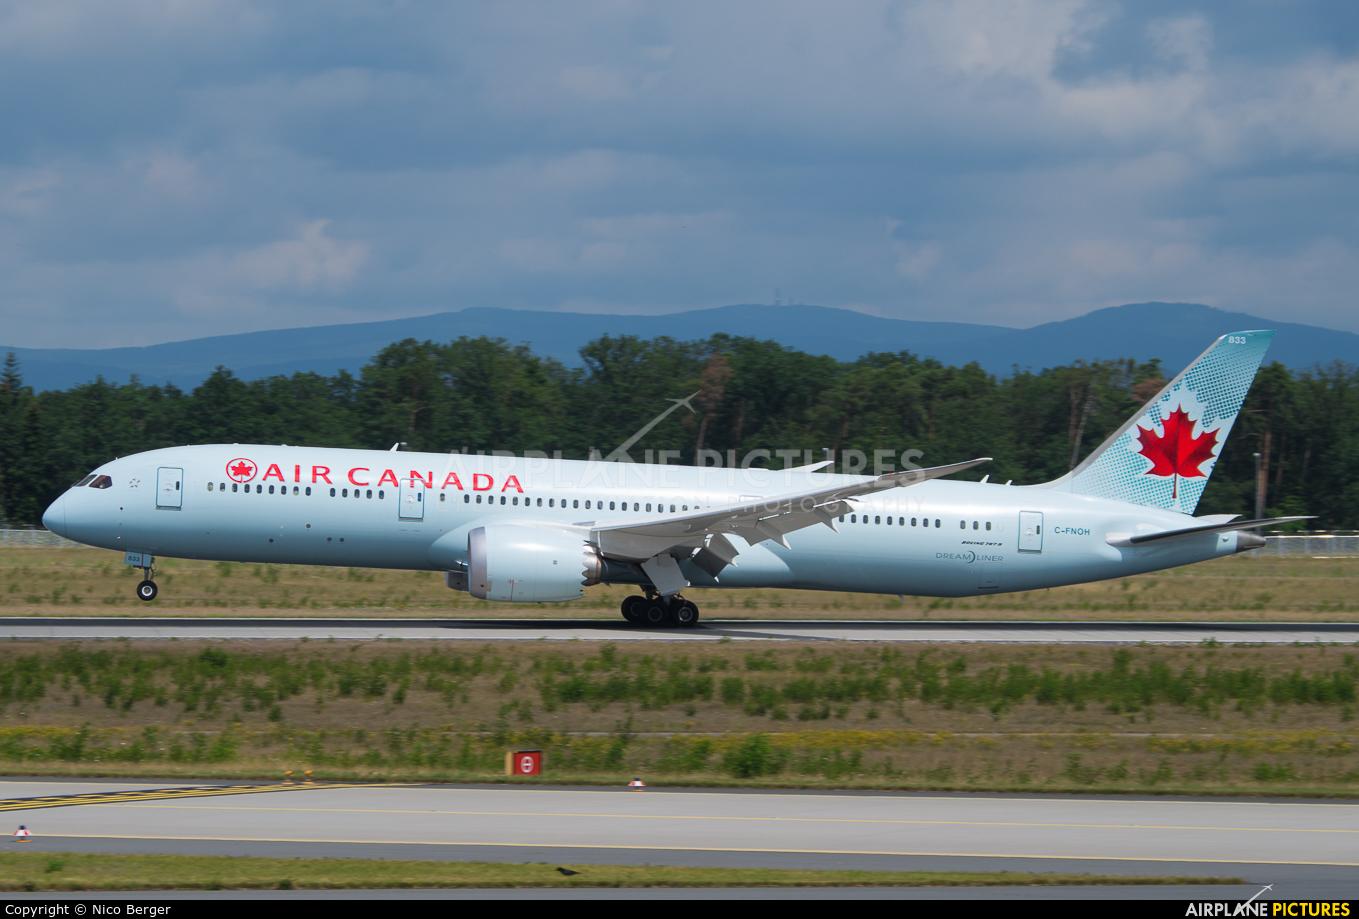 Air Canada C-FNOH aircraft at Frankfurt